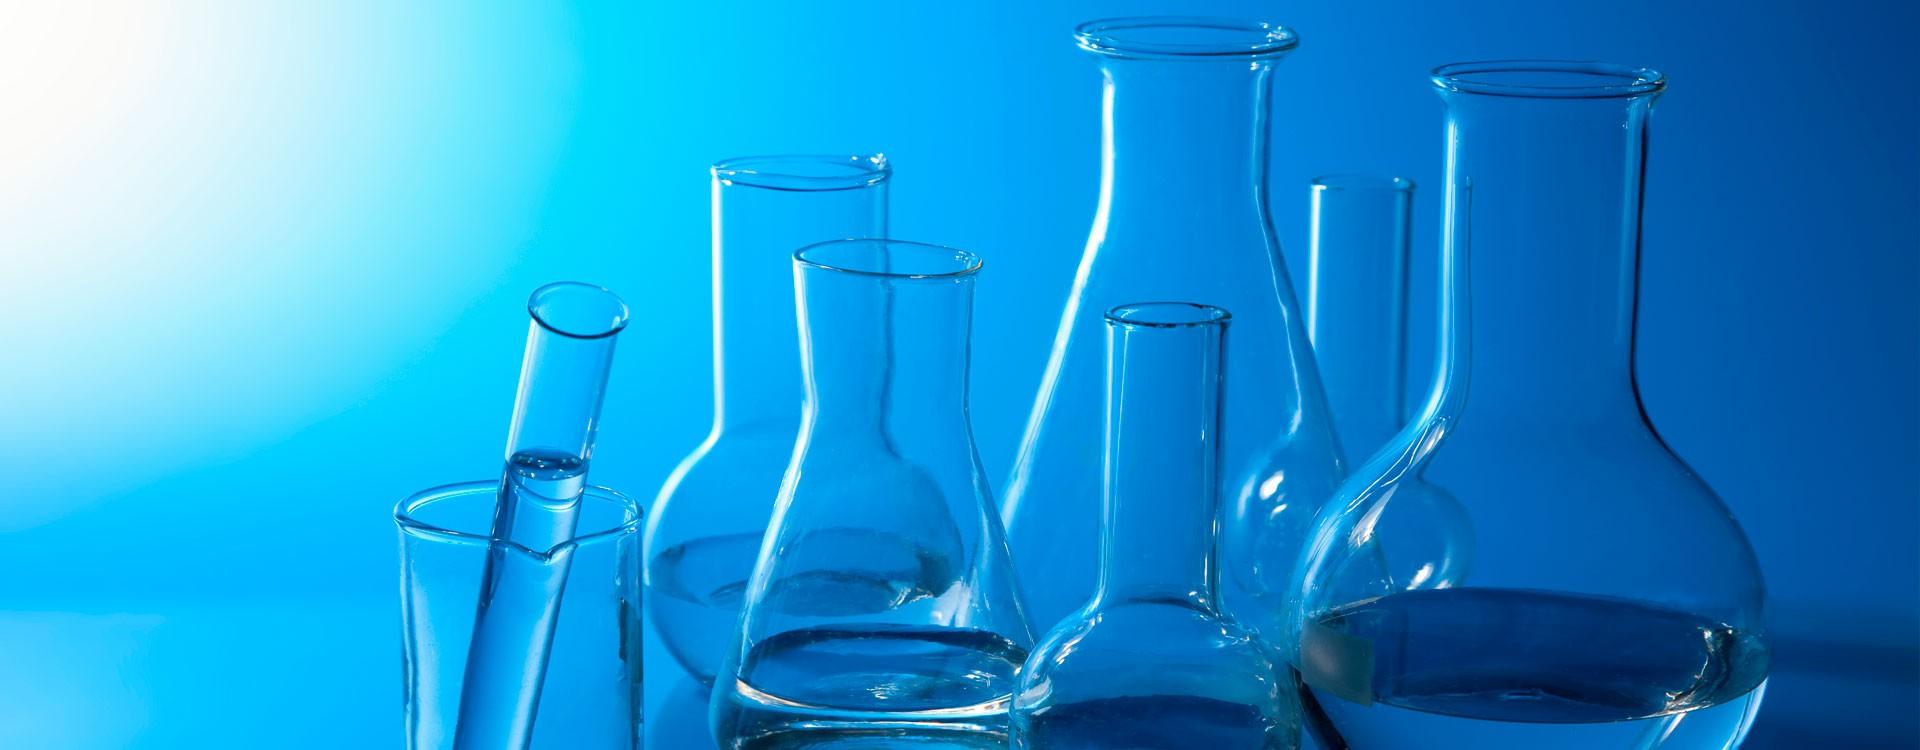 Измерение концентрации озона при очистке стоков вод